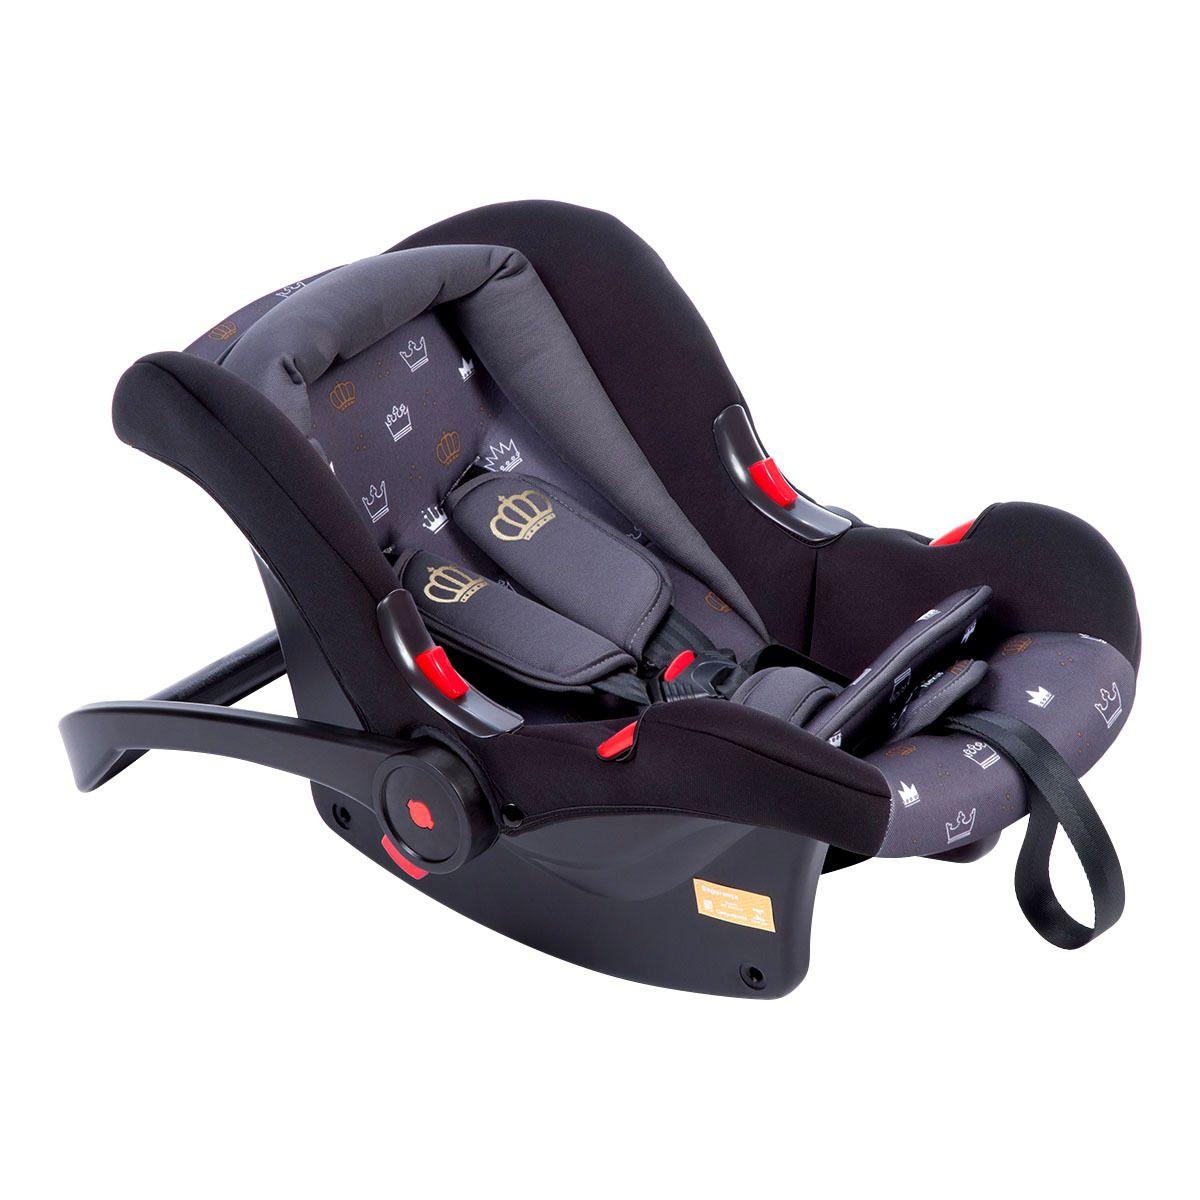 Carrinho de Bebê Travel System Nexus Preto + BB conforto - Cosco